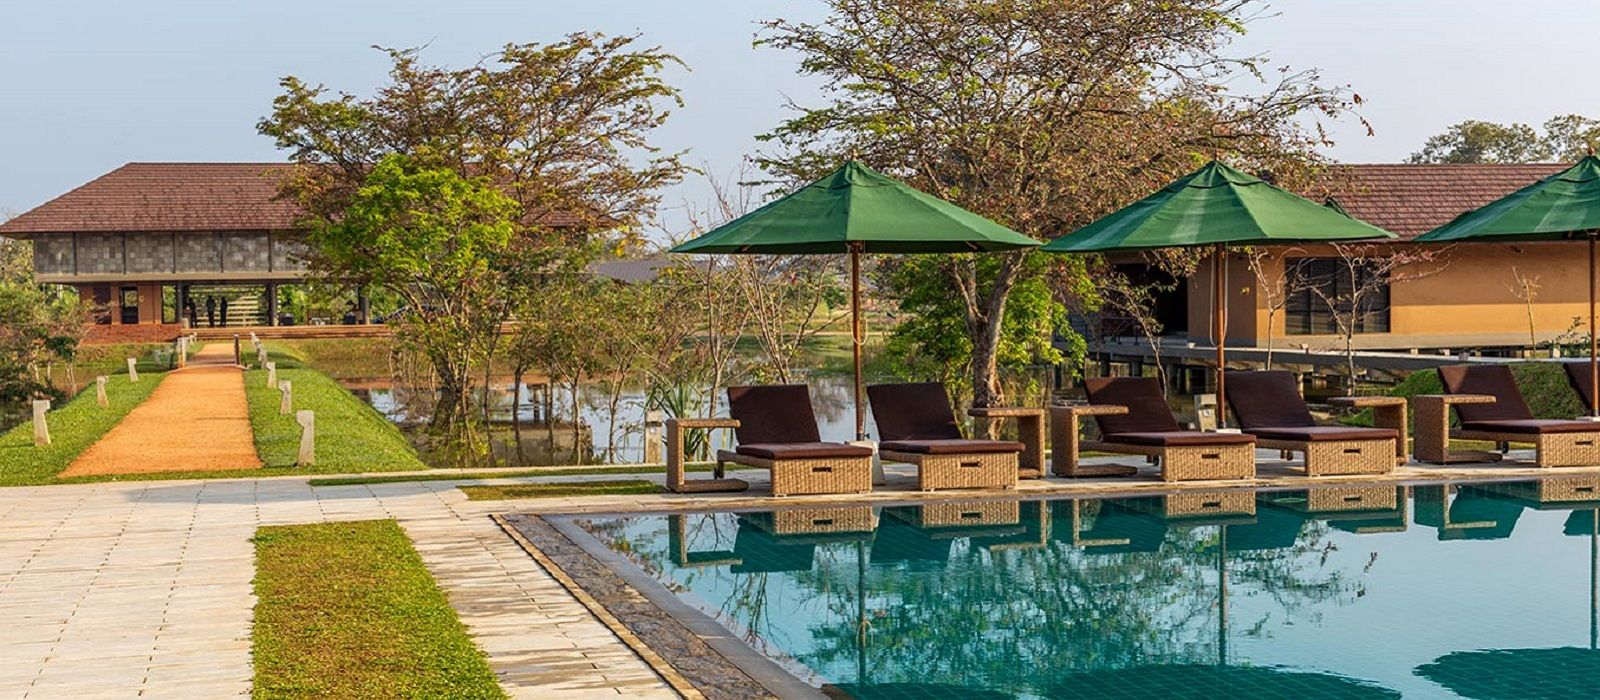 Hotel Water Garden Sigiriya Sri Lanka